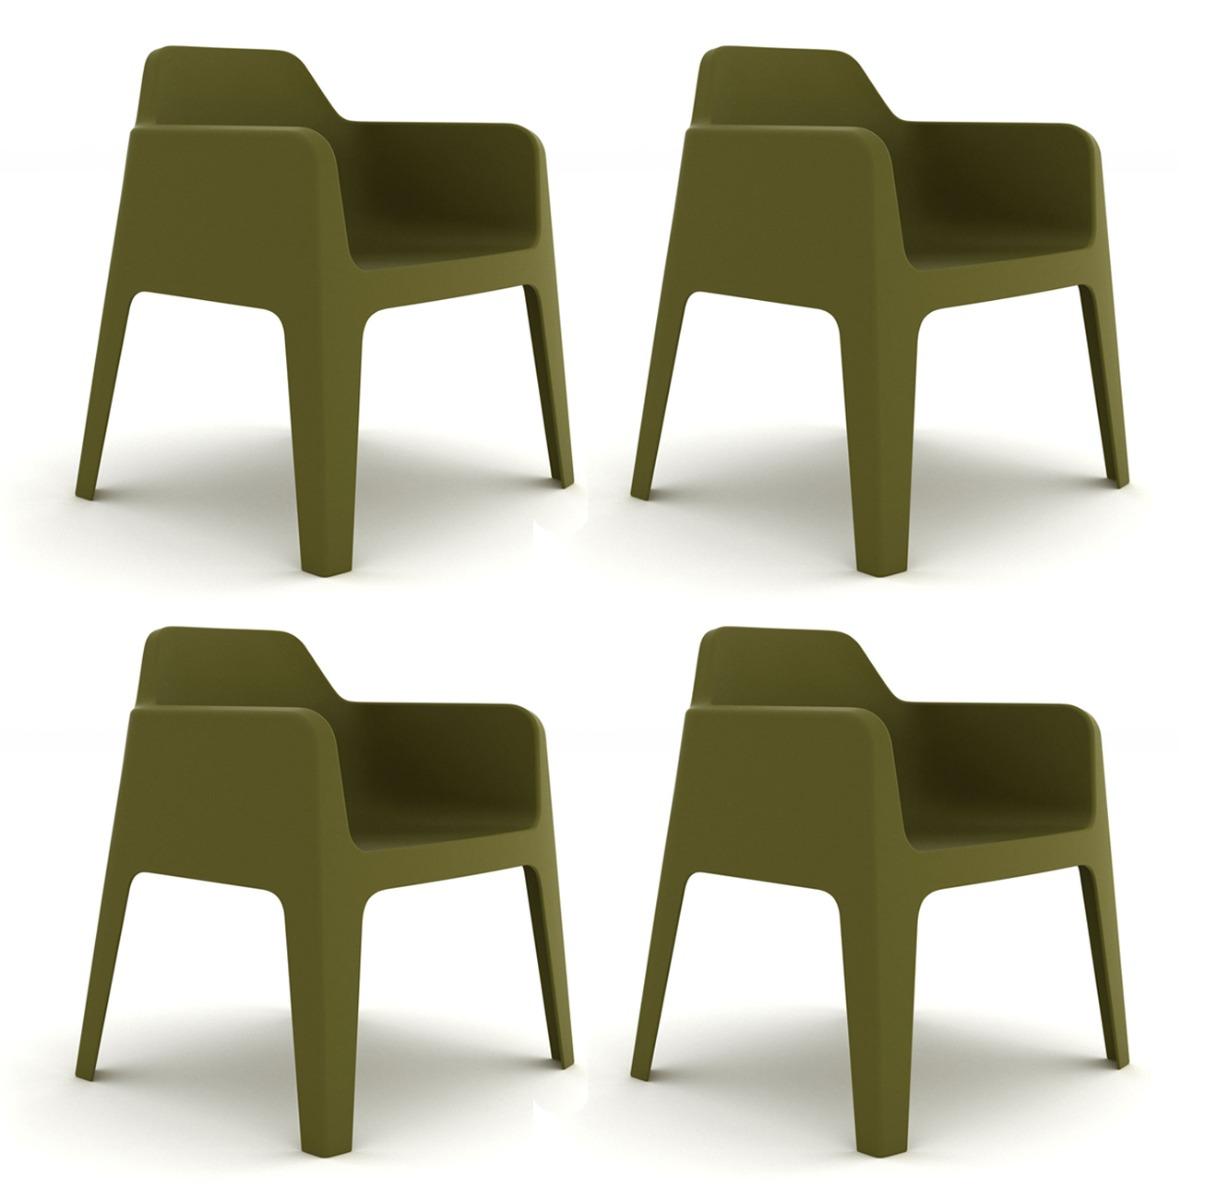 Pedrali Plus 630 Tuinstoel – Set Van 4 – Groen | 8718692421011